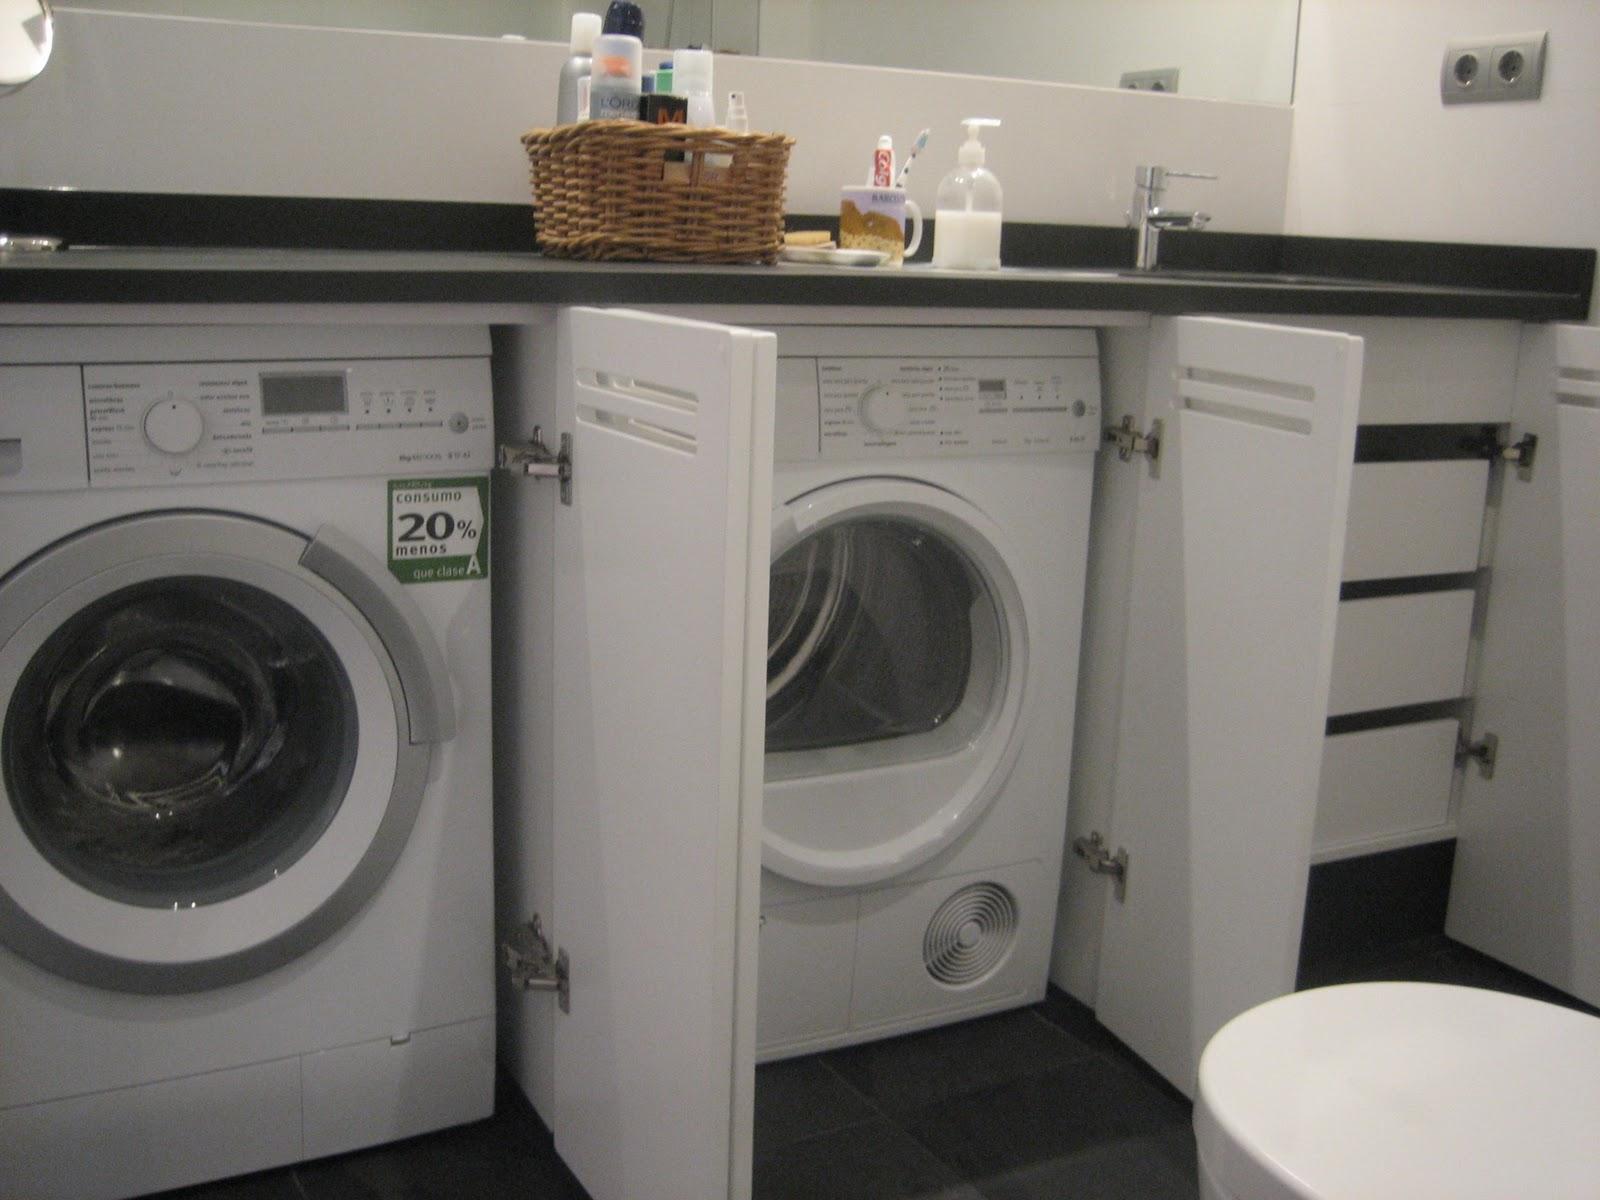 Estudio zep reforma vivienda mmb tibi alicante for Mueble para lavadora